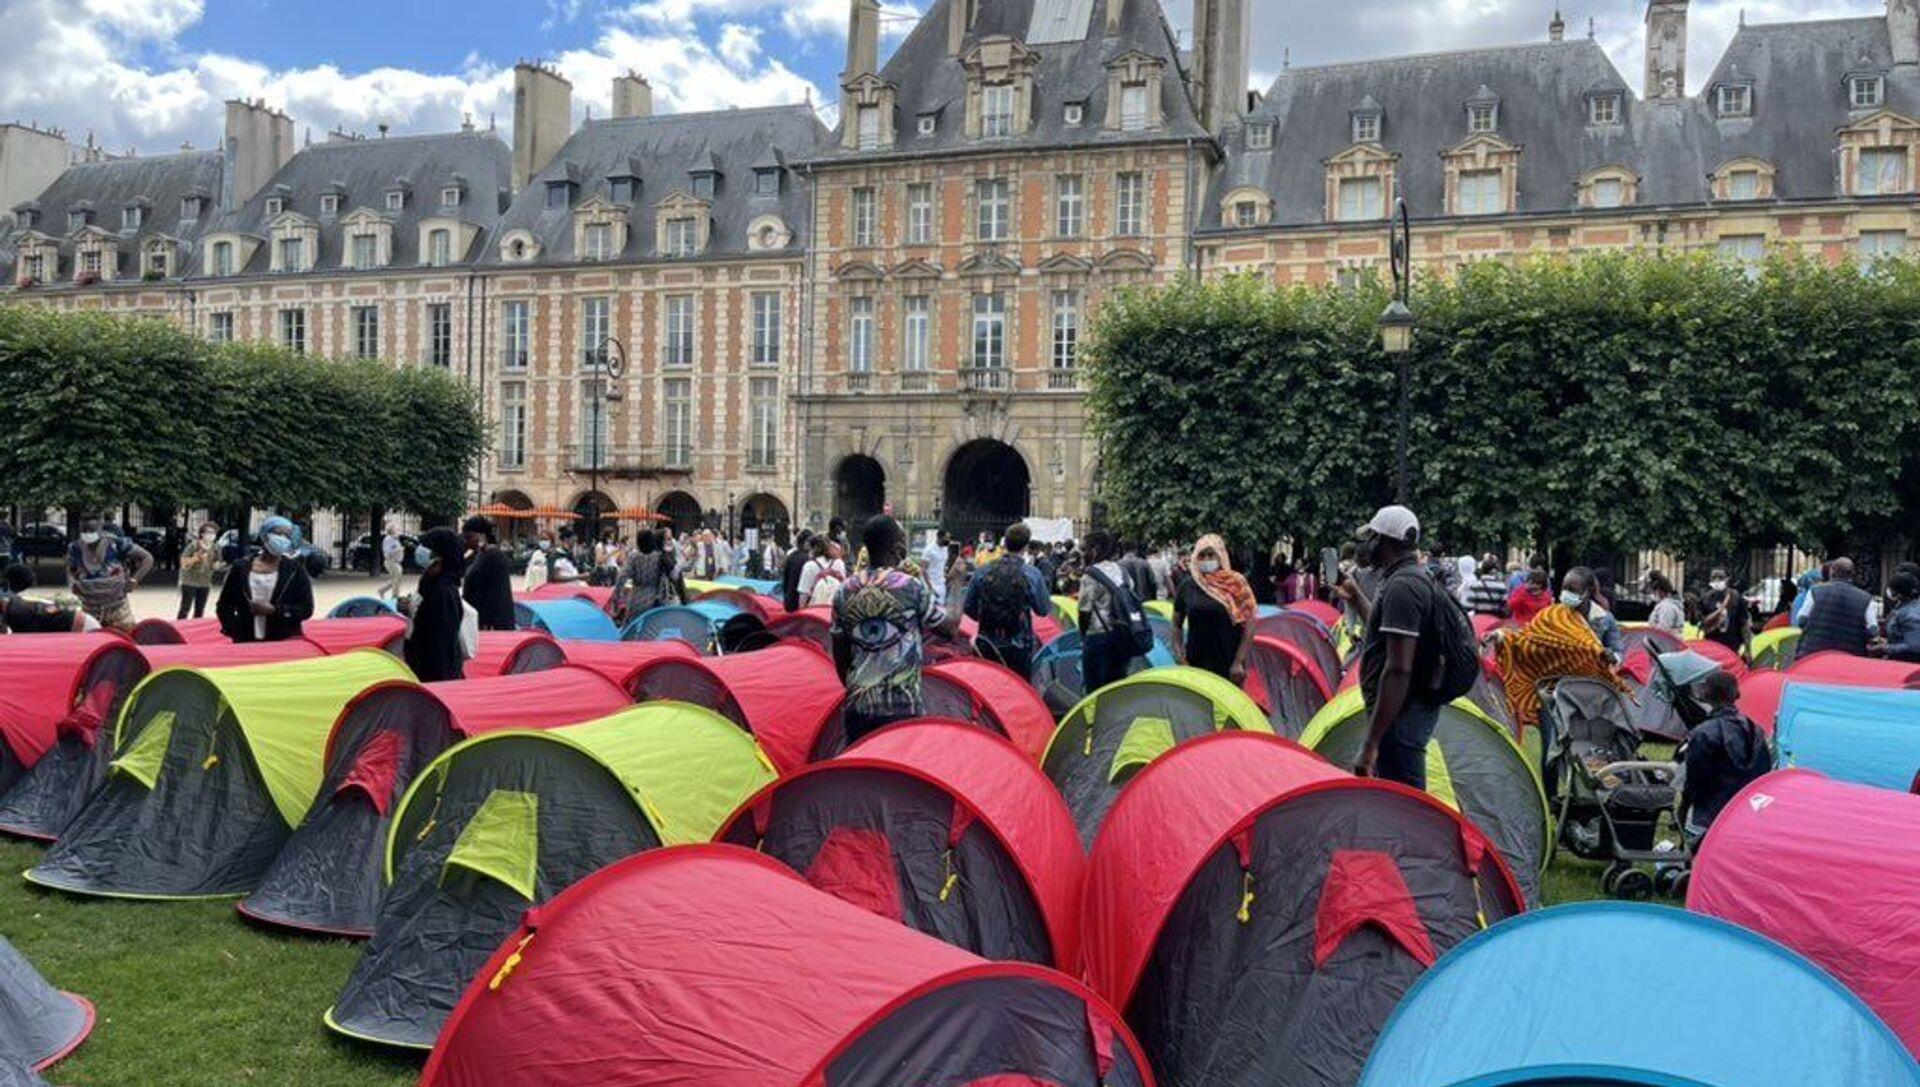 Fransa'nın başkenti Paris'teki turistik alanlardan Vosges Meydanında 400 kadar evsiz, 'onurlu barınma' isteğiyle çadır kurdu. - Sputnik Türkiye, 1920, 30.07.2021